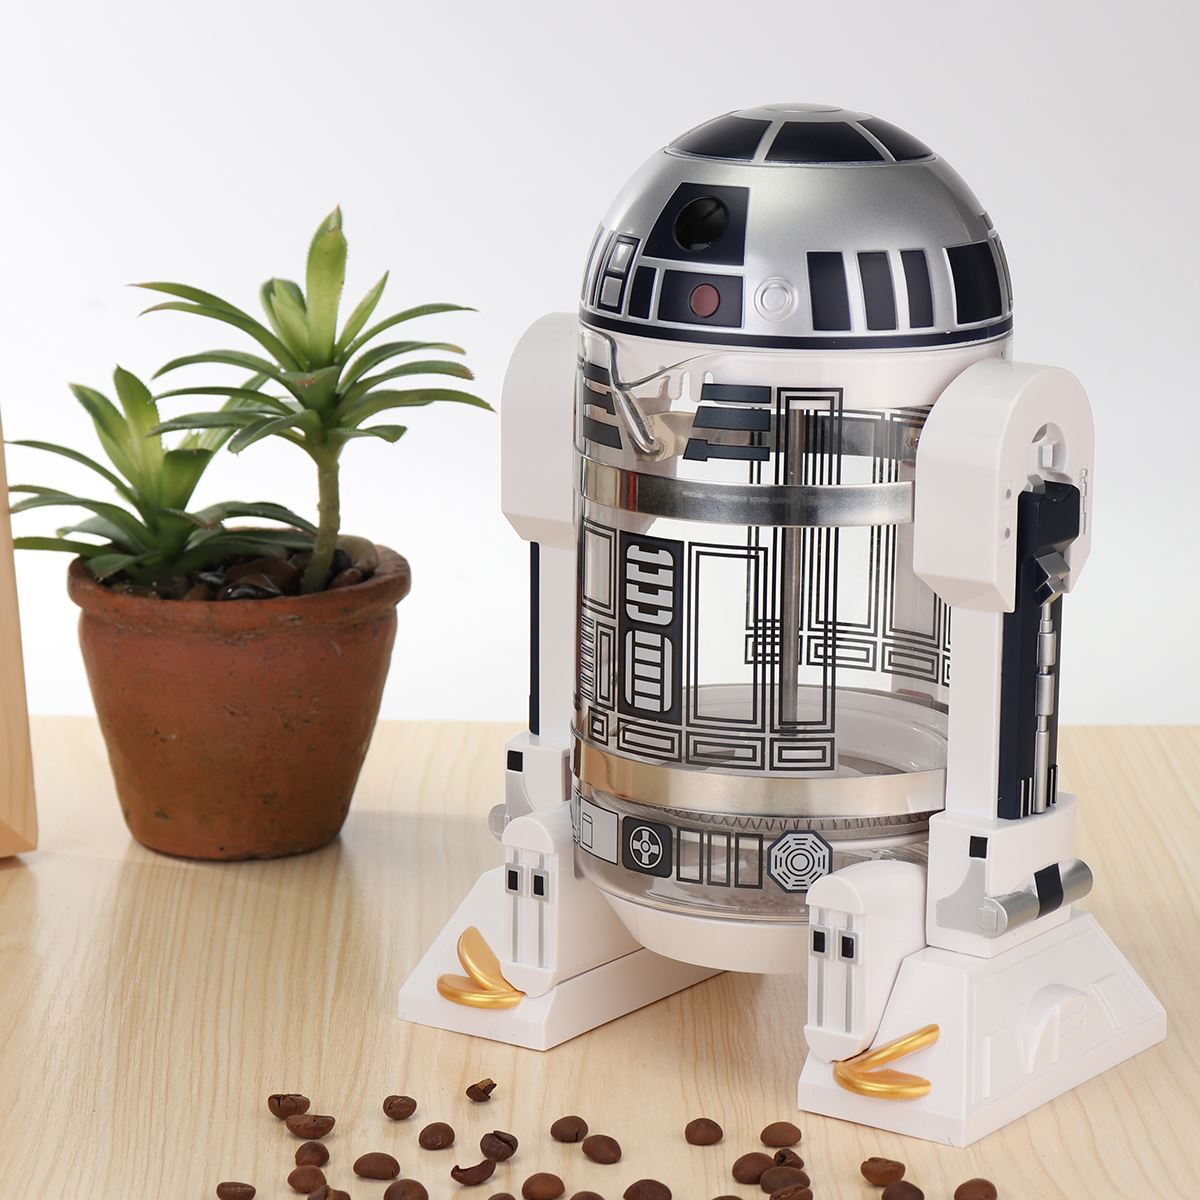 1Pcs french press coffee pot Robot drinkware 960ml silicate Detachable Coffee Maker POT